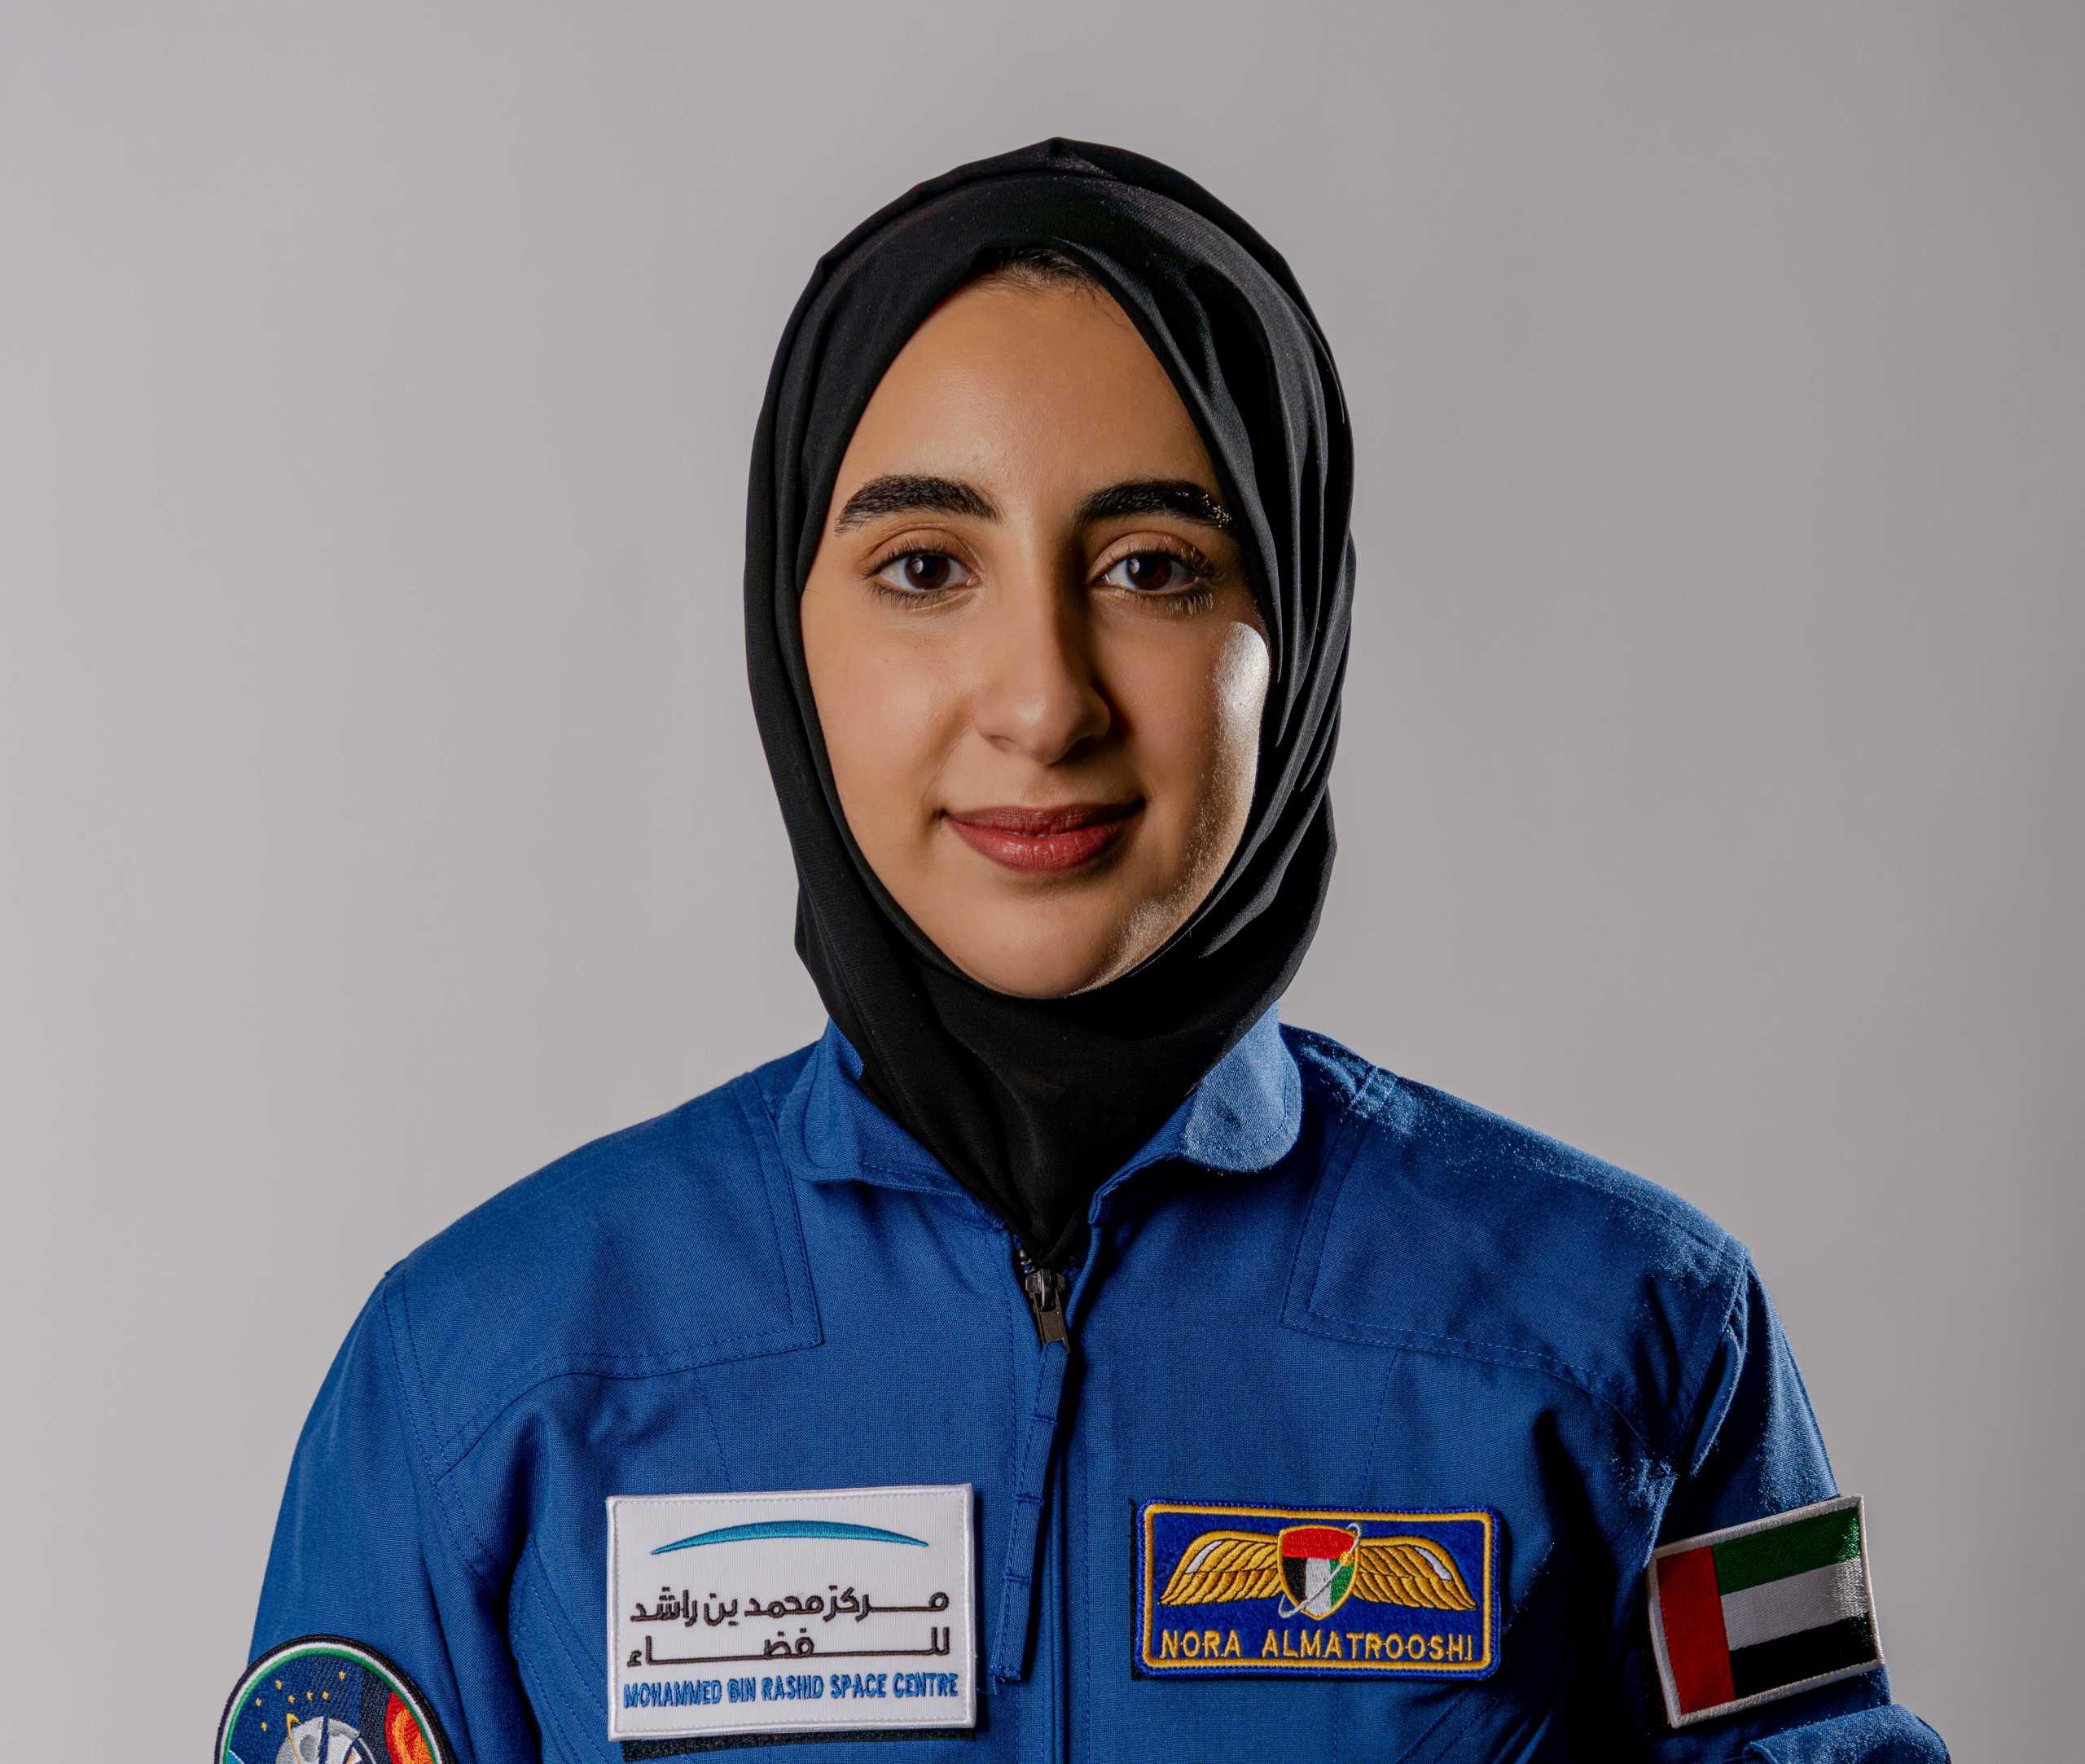 Η Νόρα Αλ – Ματρούσι είναι η πρώτη γυναίκα του αραβικού κόσμου που θα γίνει αστροναύτης! (pics)